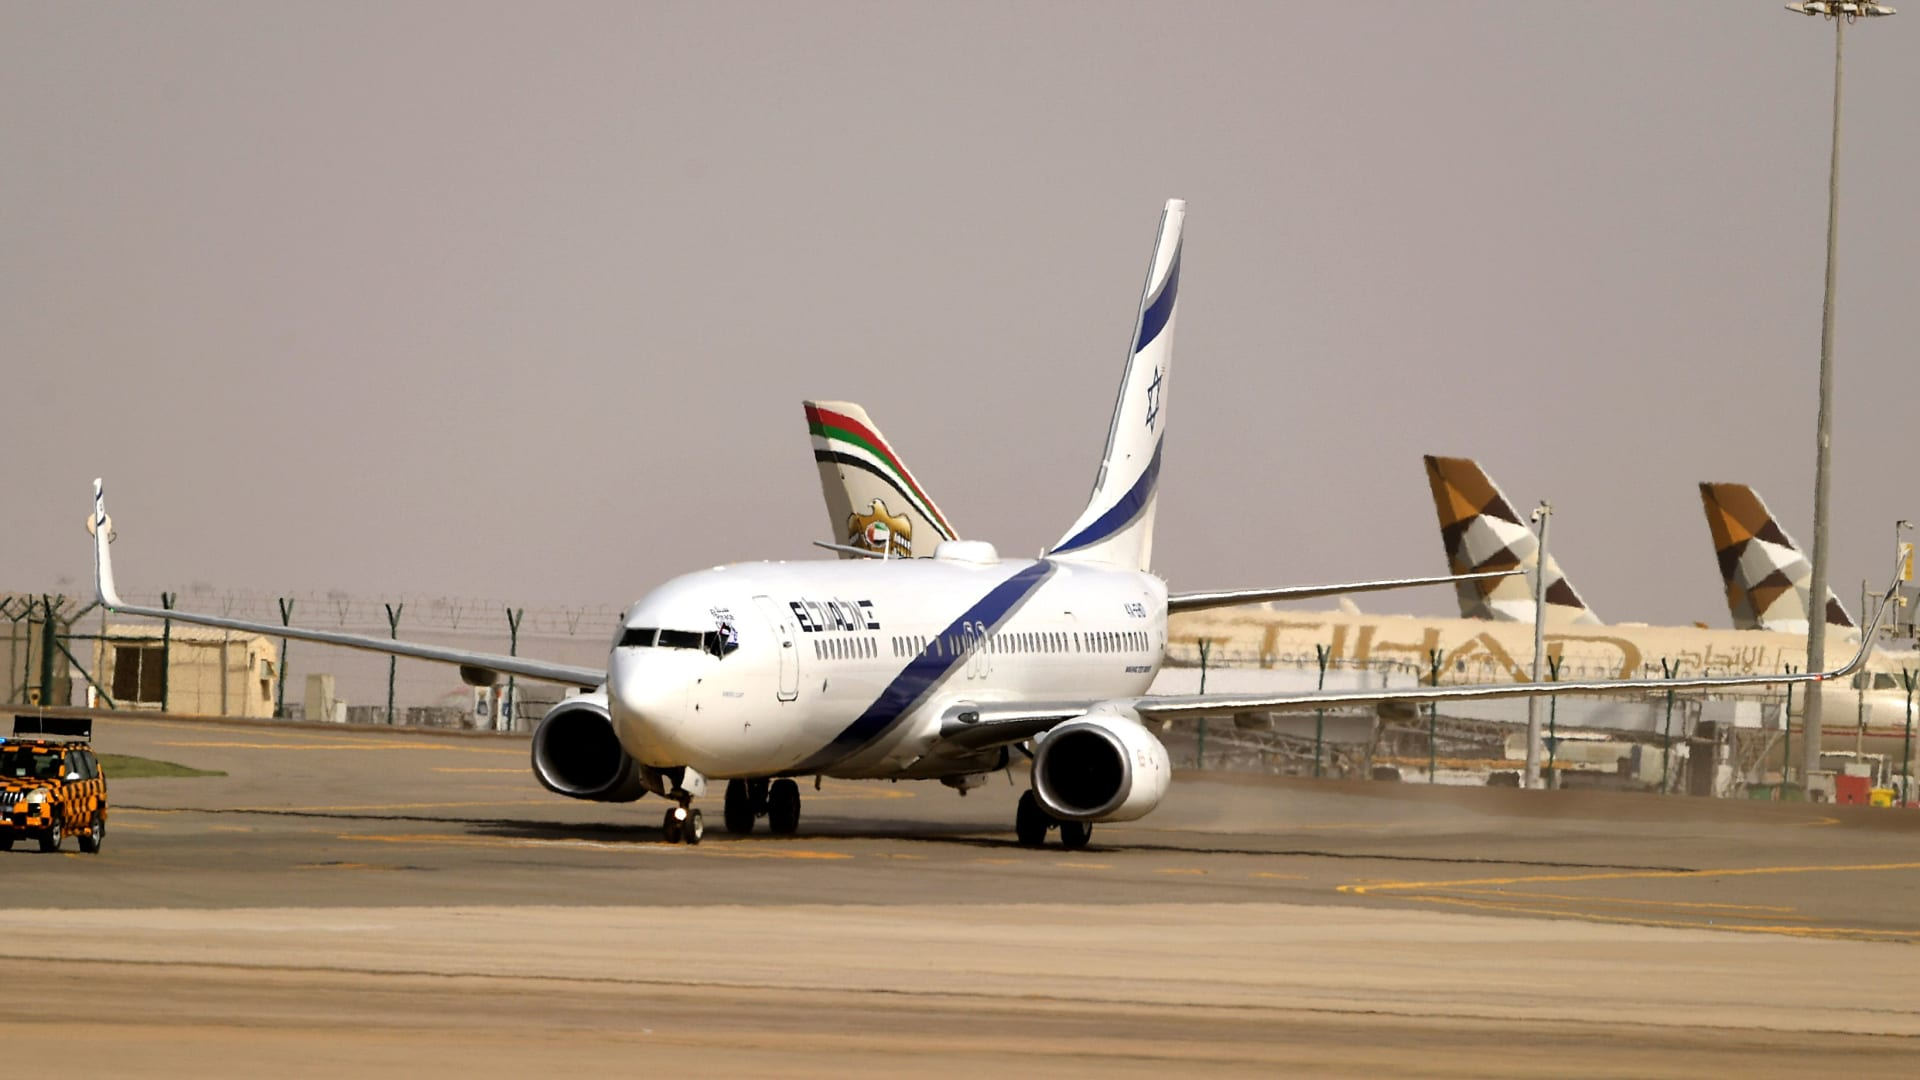 لماذا يعتبر الاتفاق بين الإمارات وإسرائيل تاريخياً؟ ومن المستفيد المحتمل منه؟